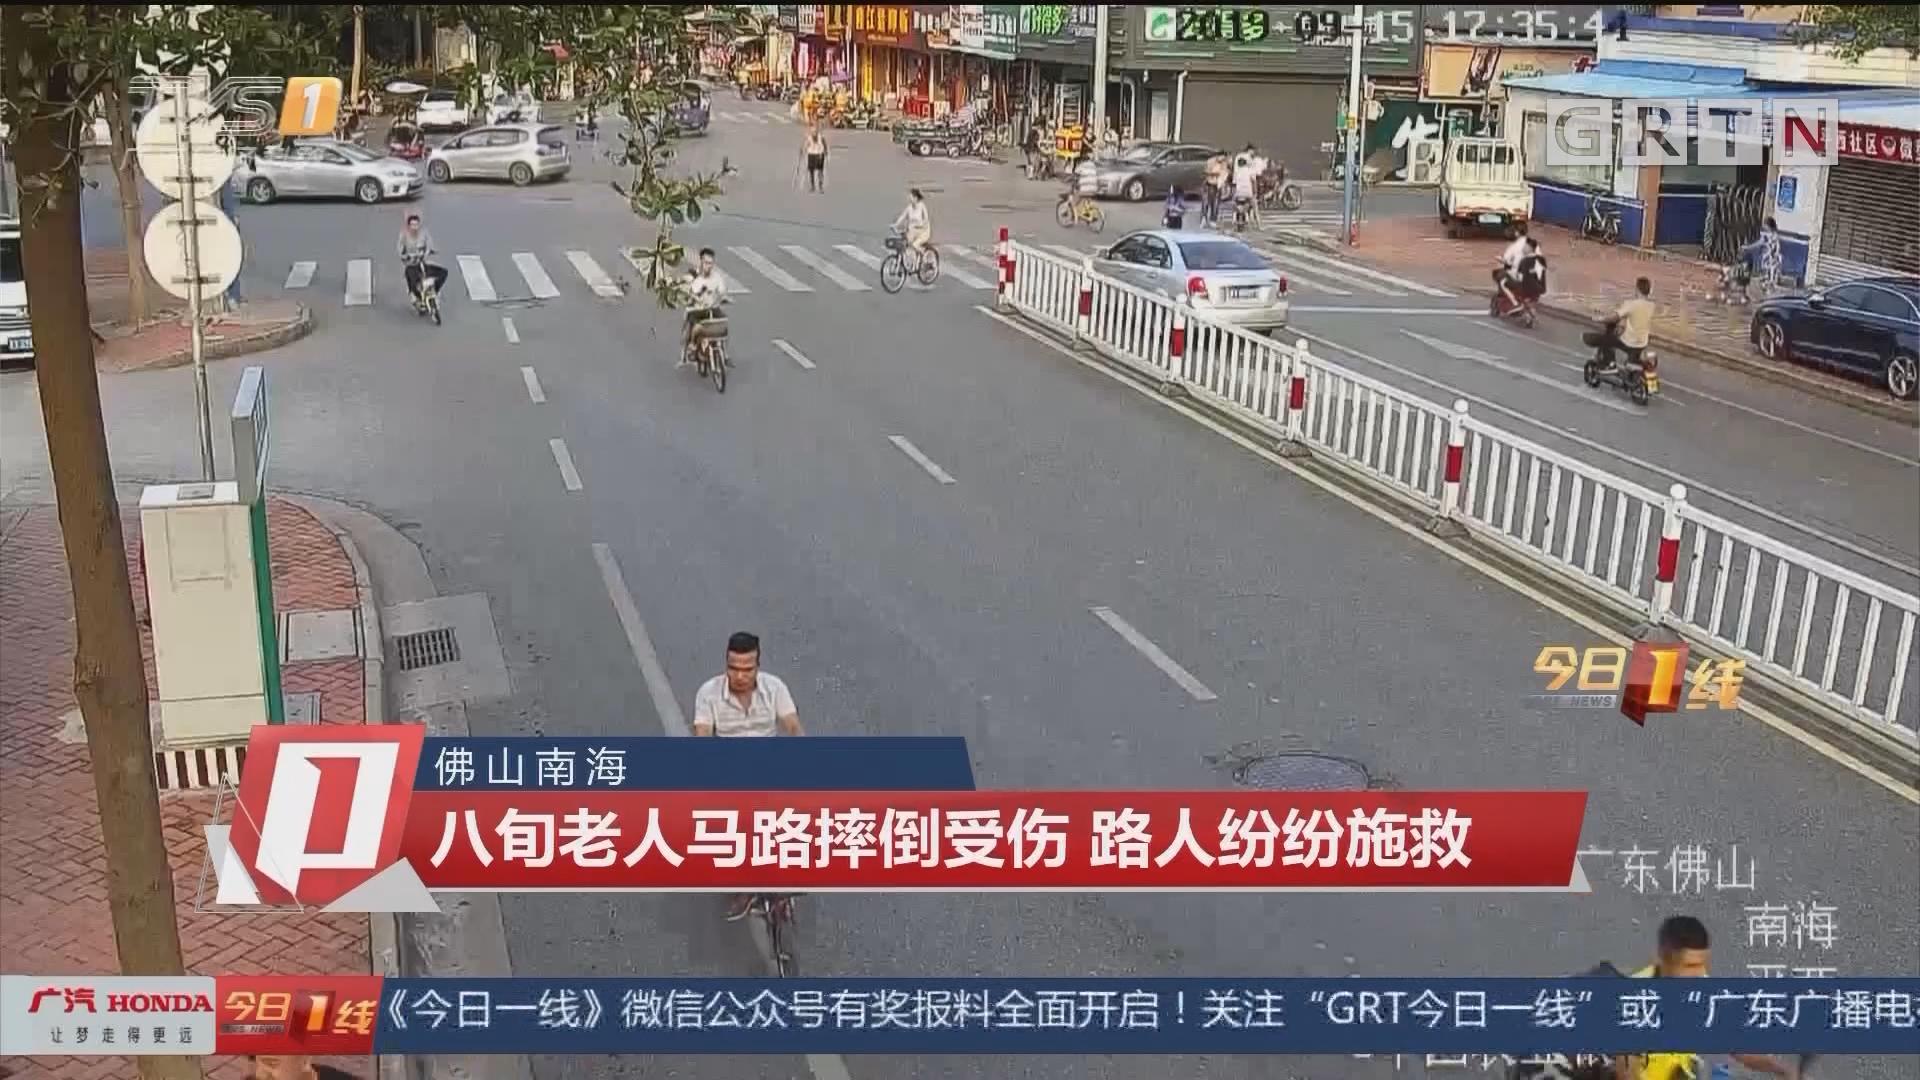 佛山南海:八旬老人马路摔倒受伤 路人纷纷施救